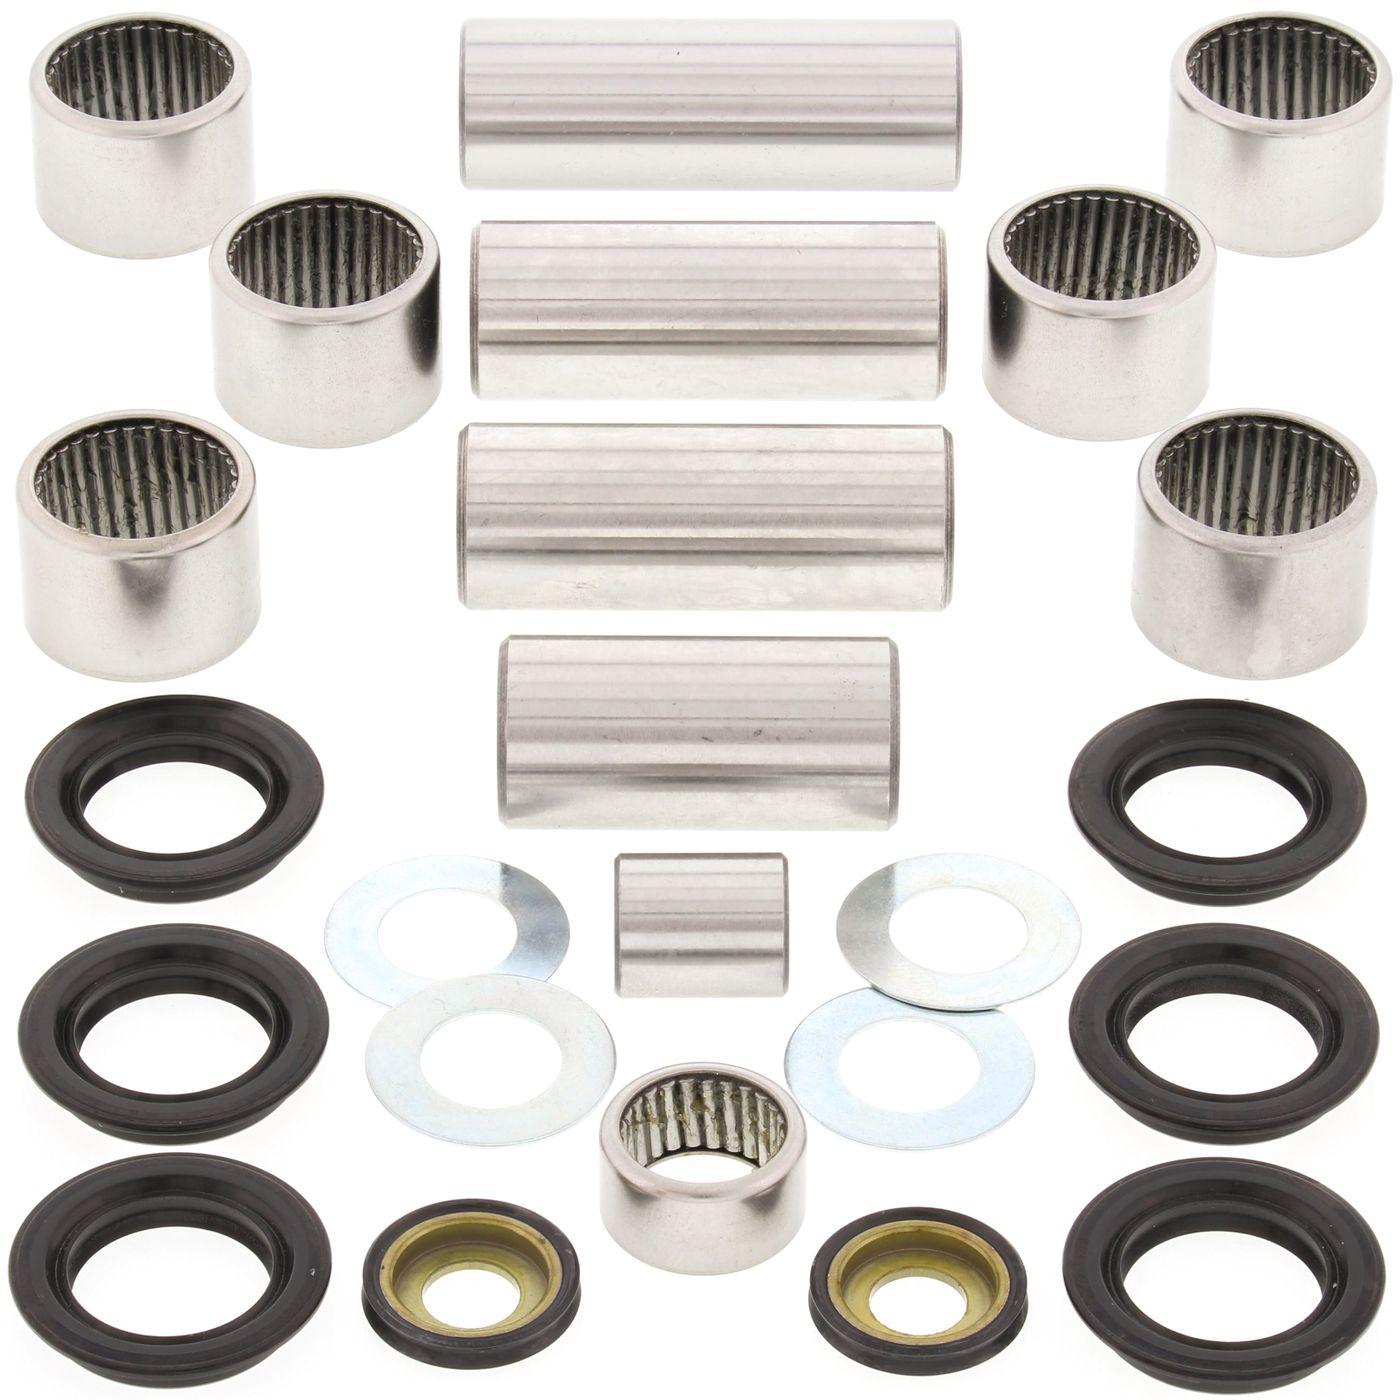 wrp shock linkage bearing kits - WRP271040 image